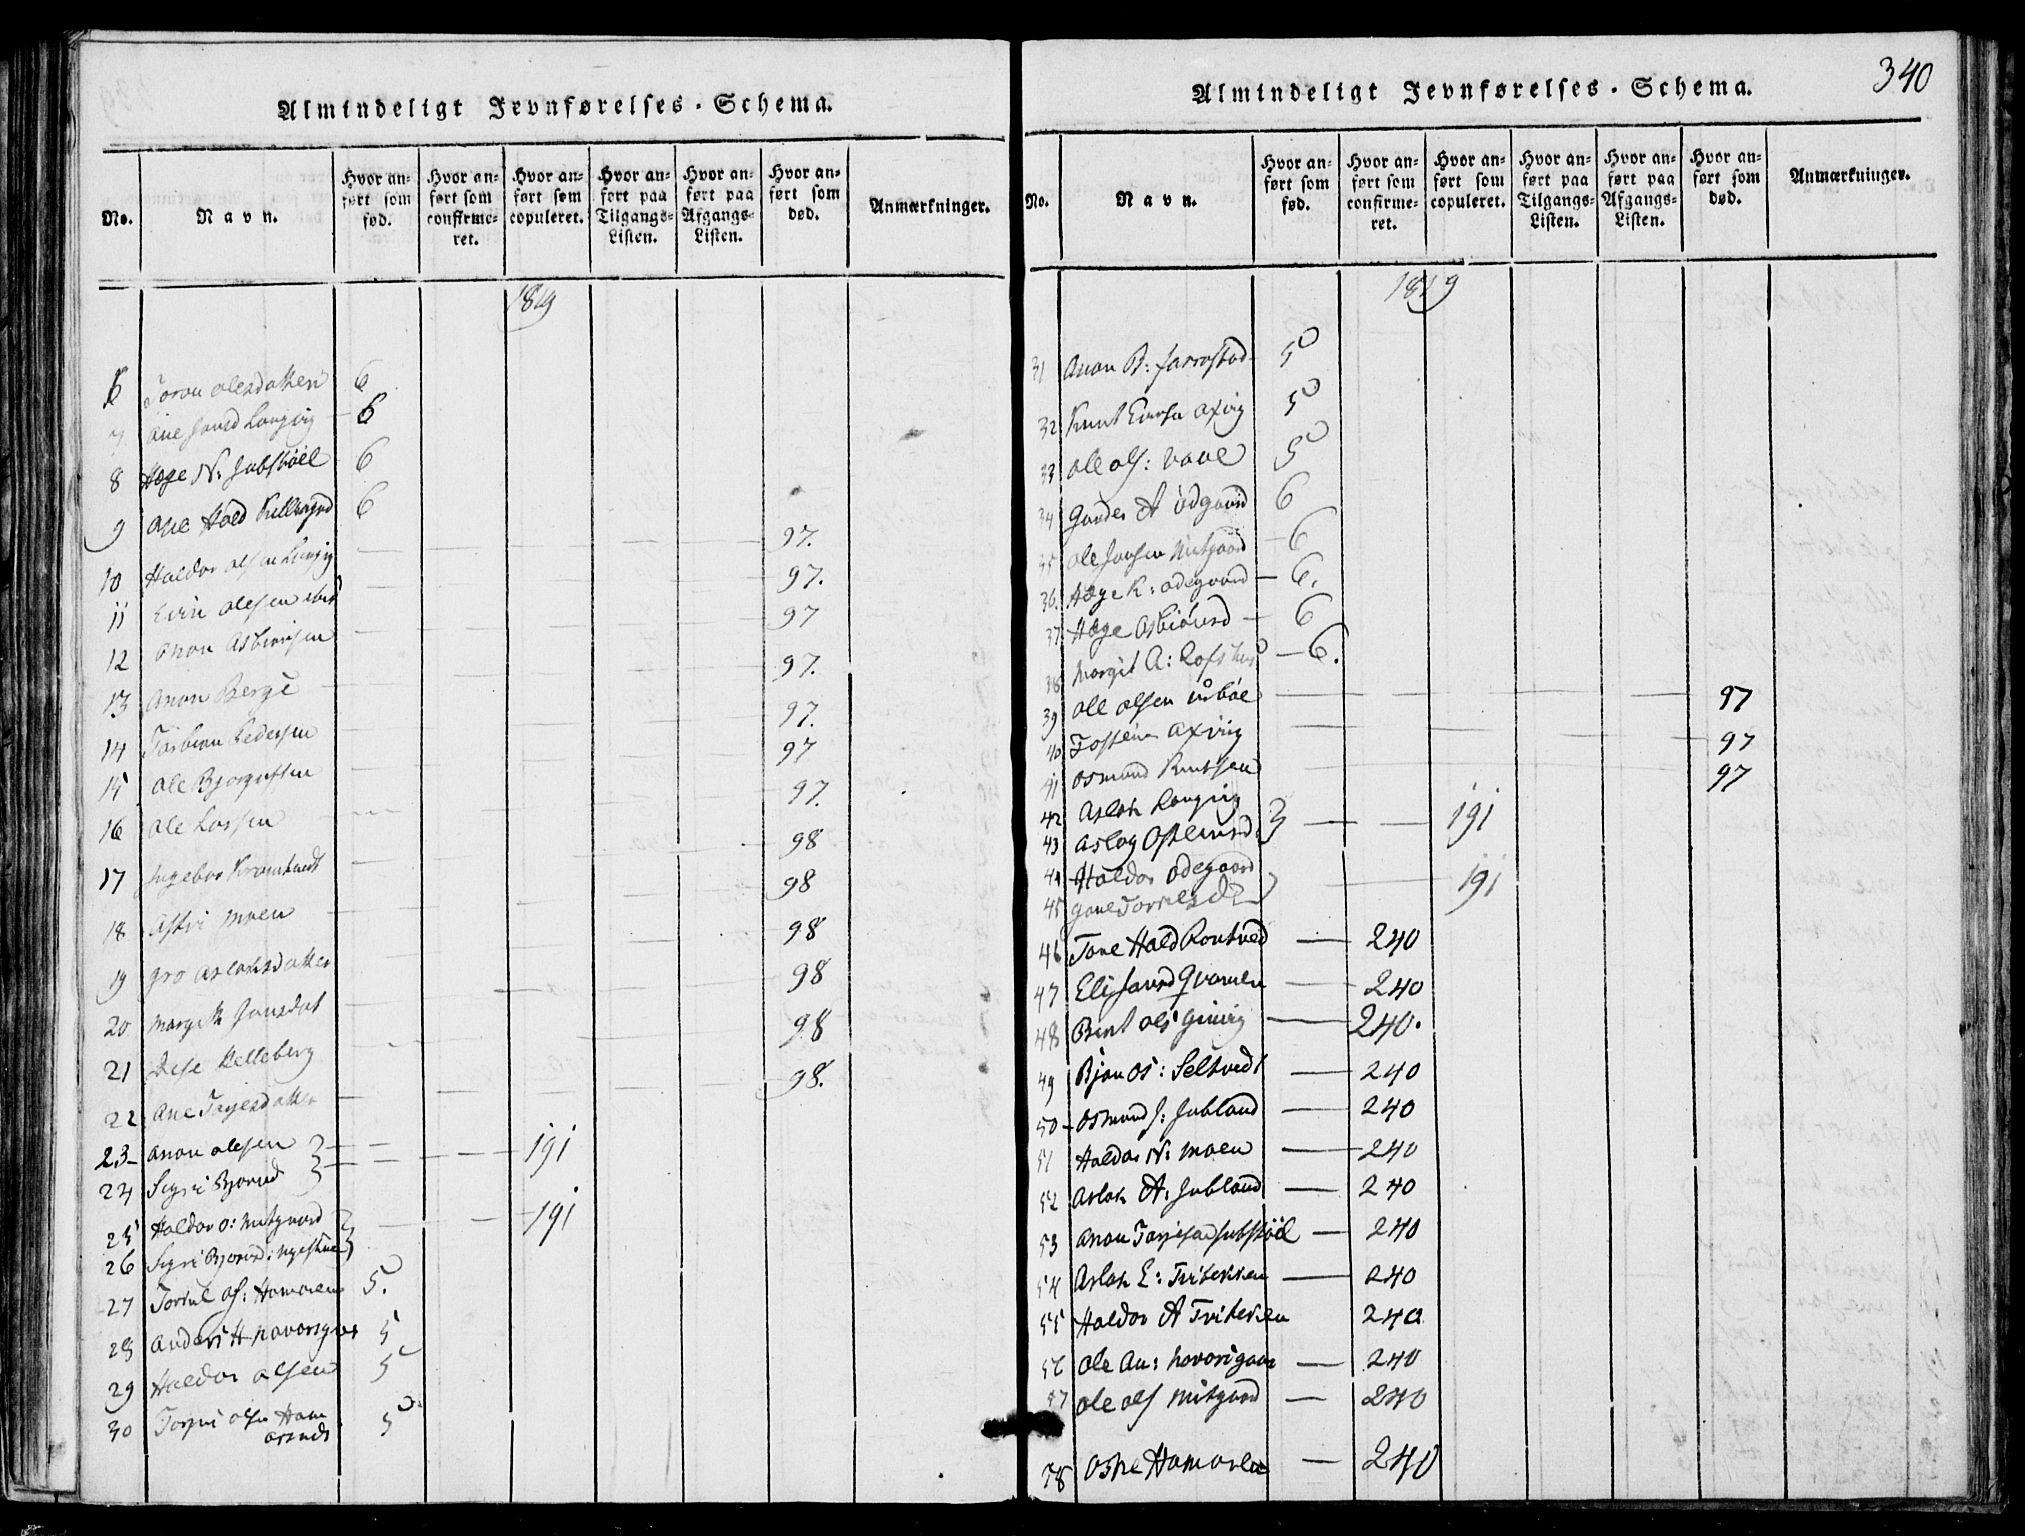 SAKO, Rauland kirkebøker, G/Ga/L0001: Klokkerbok nr. I 1, 1814-1843, s. 340